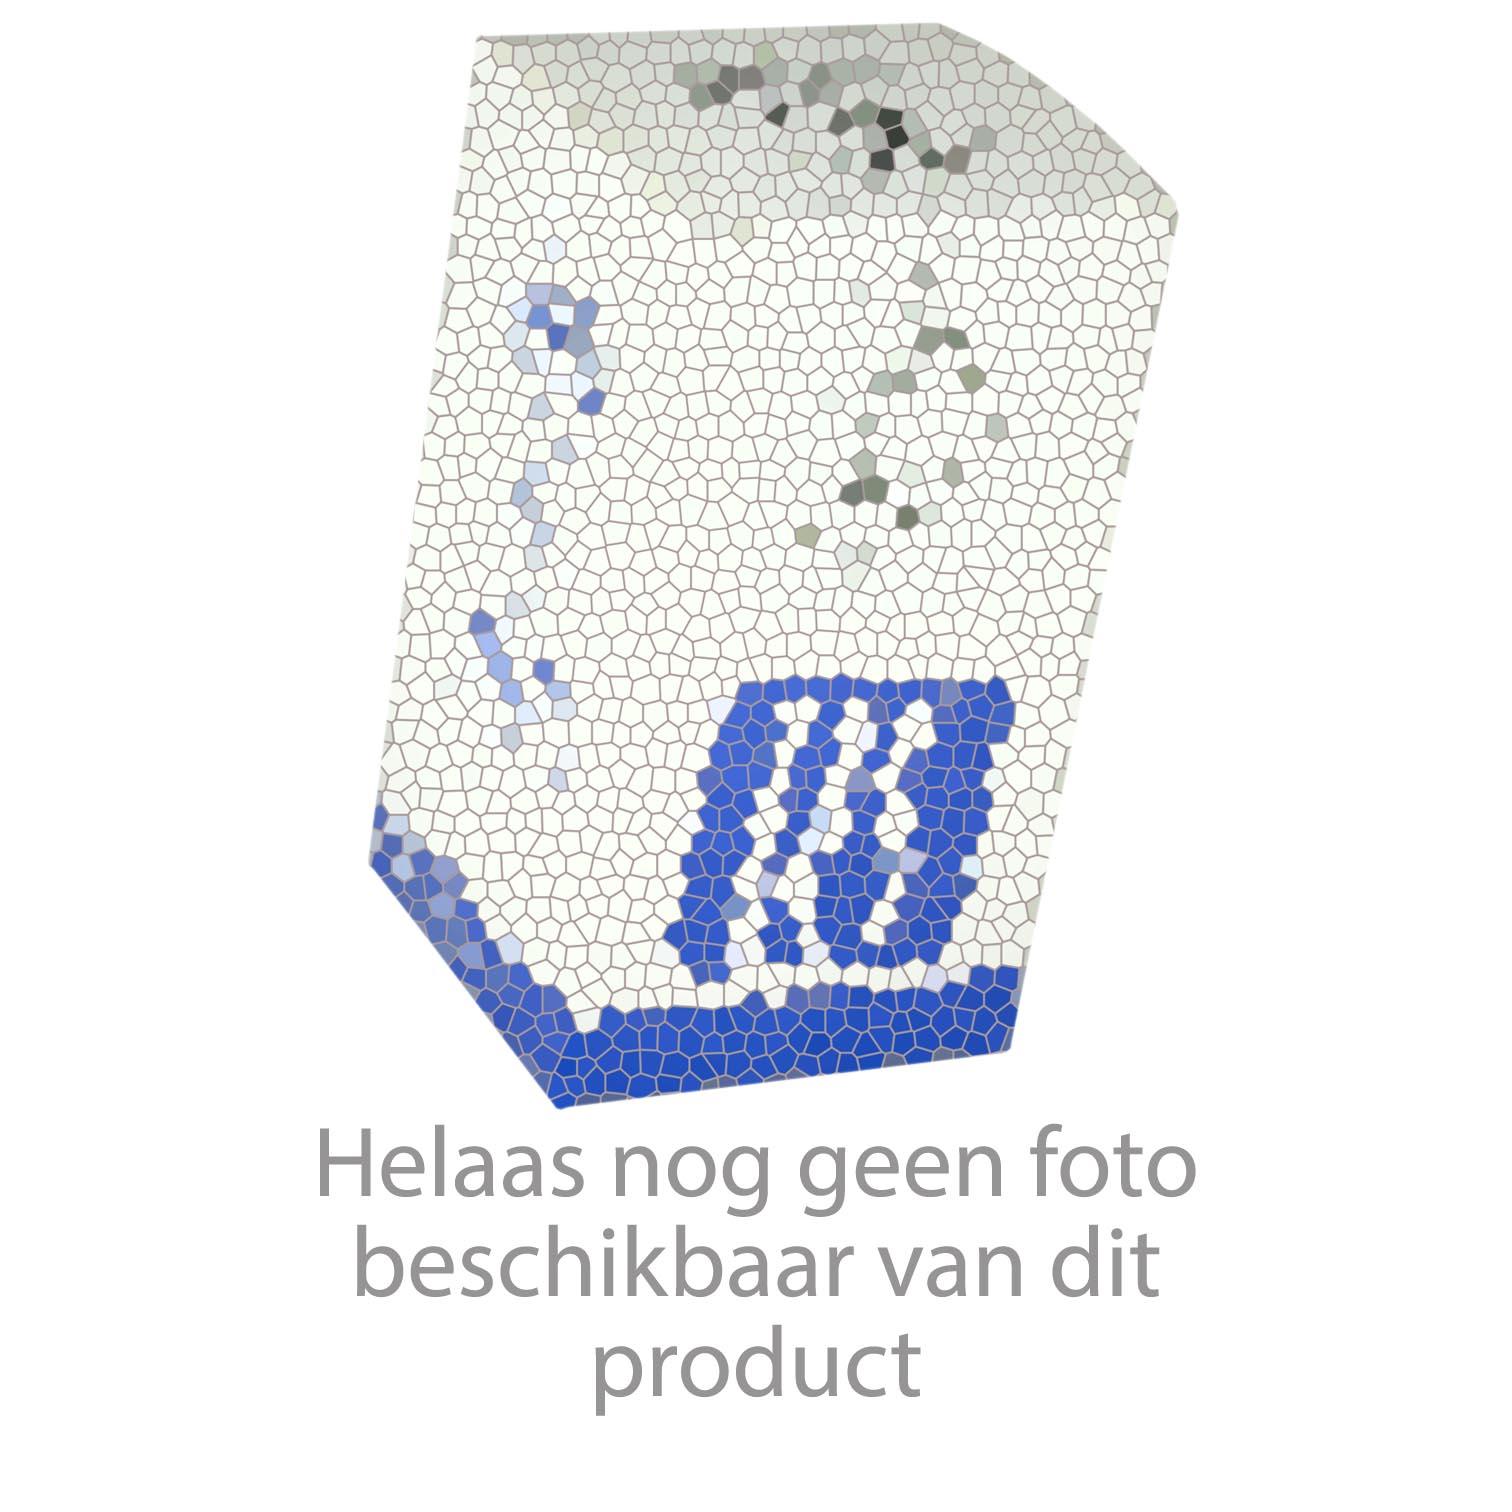 Grohe Veris opbouwdeel voor inbouw badthermostaat met omstel voor 35500 chroom